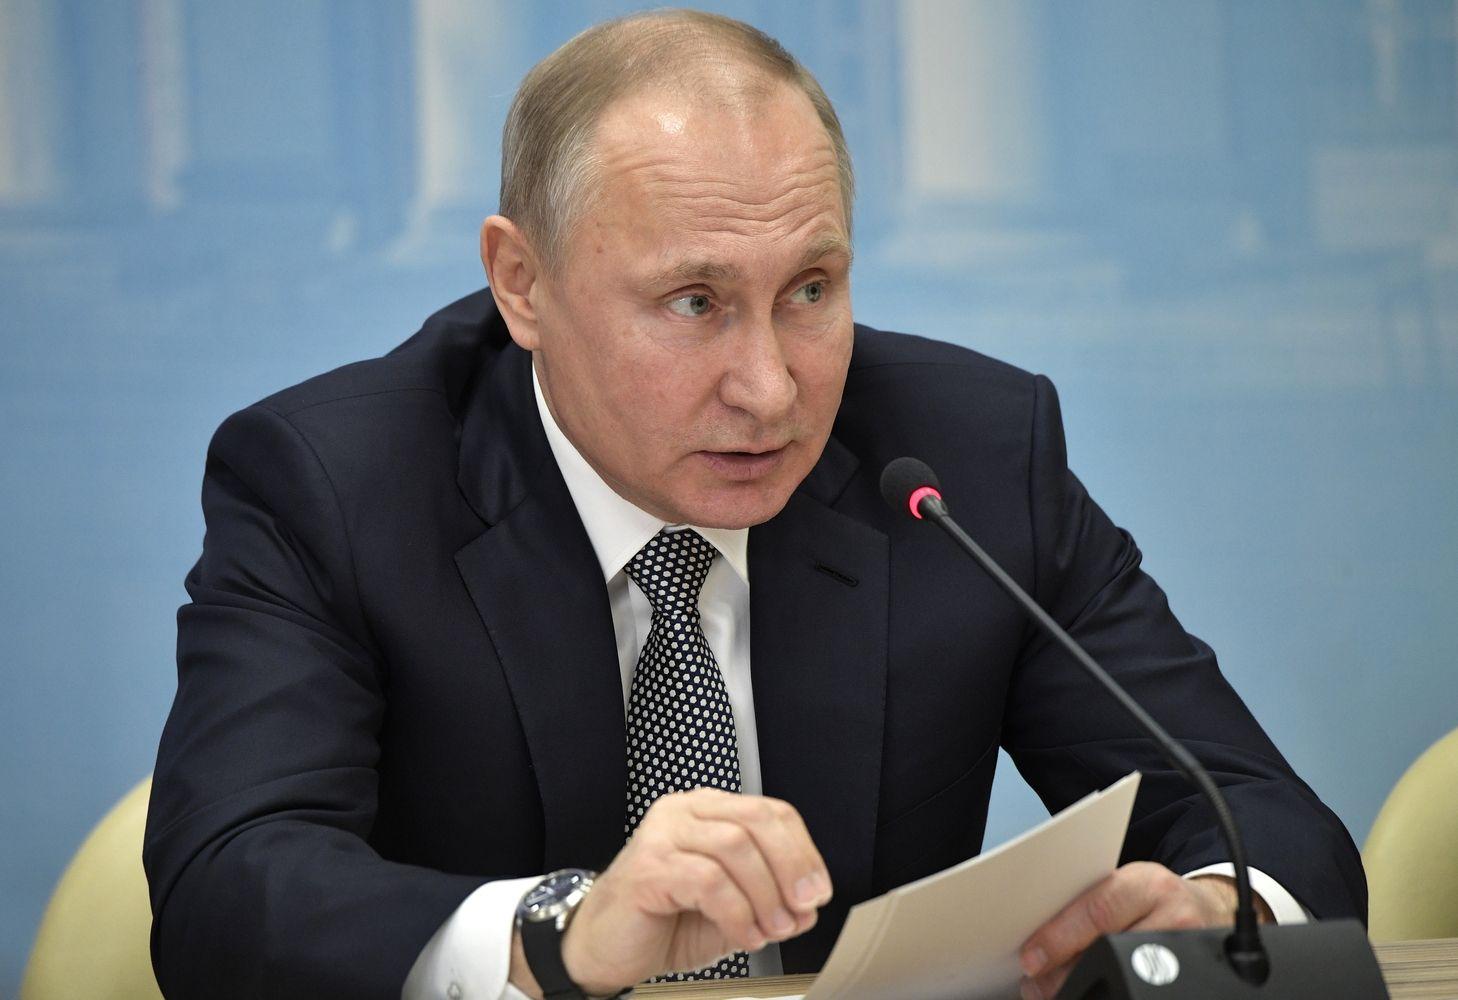 Vašingtonas baigia rengti juodąjį Kremliaus sąrašą